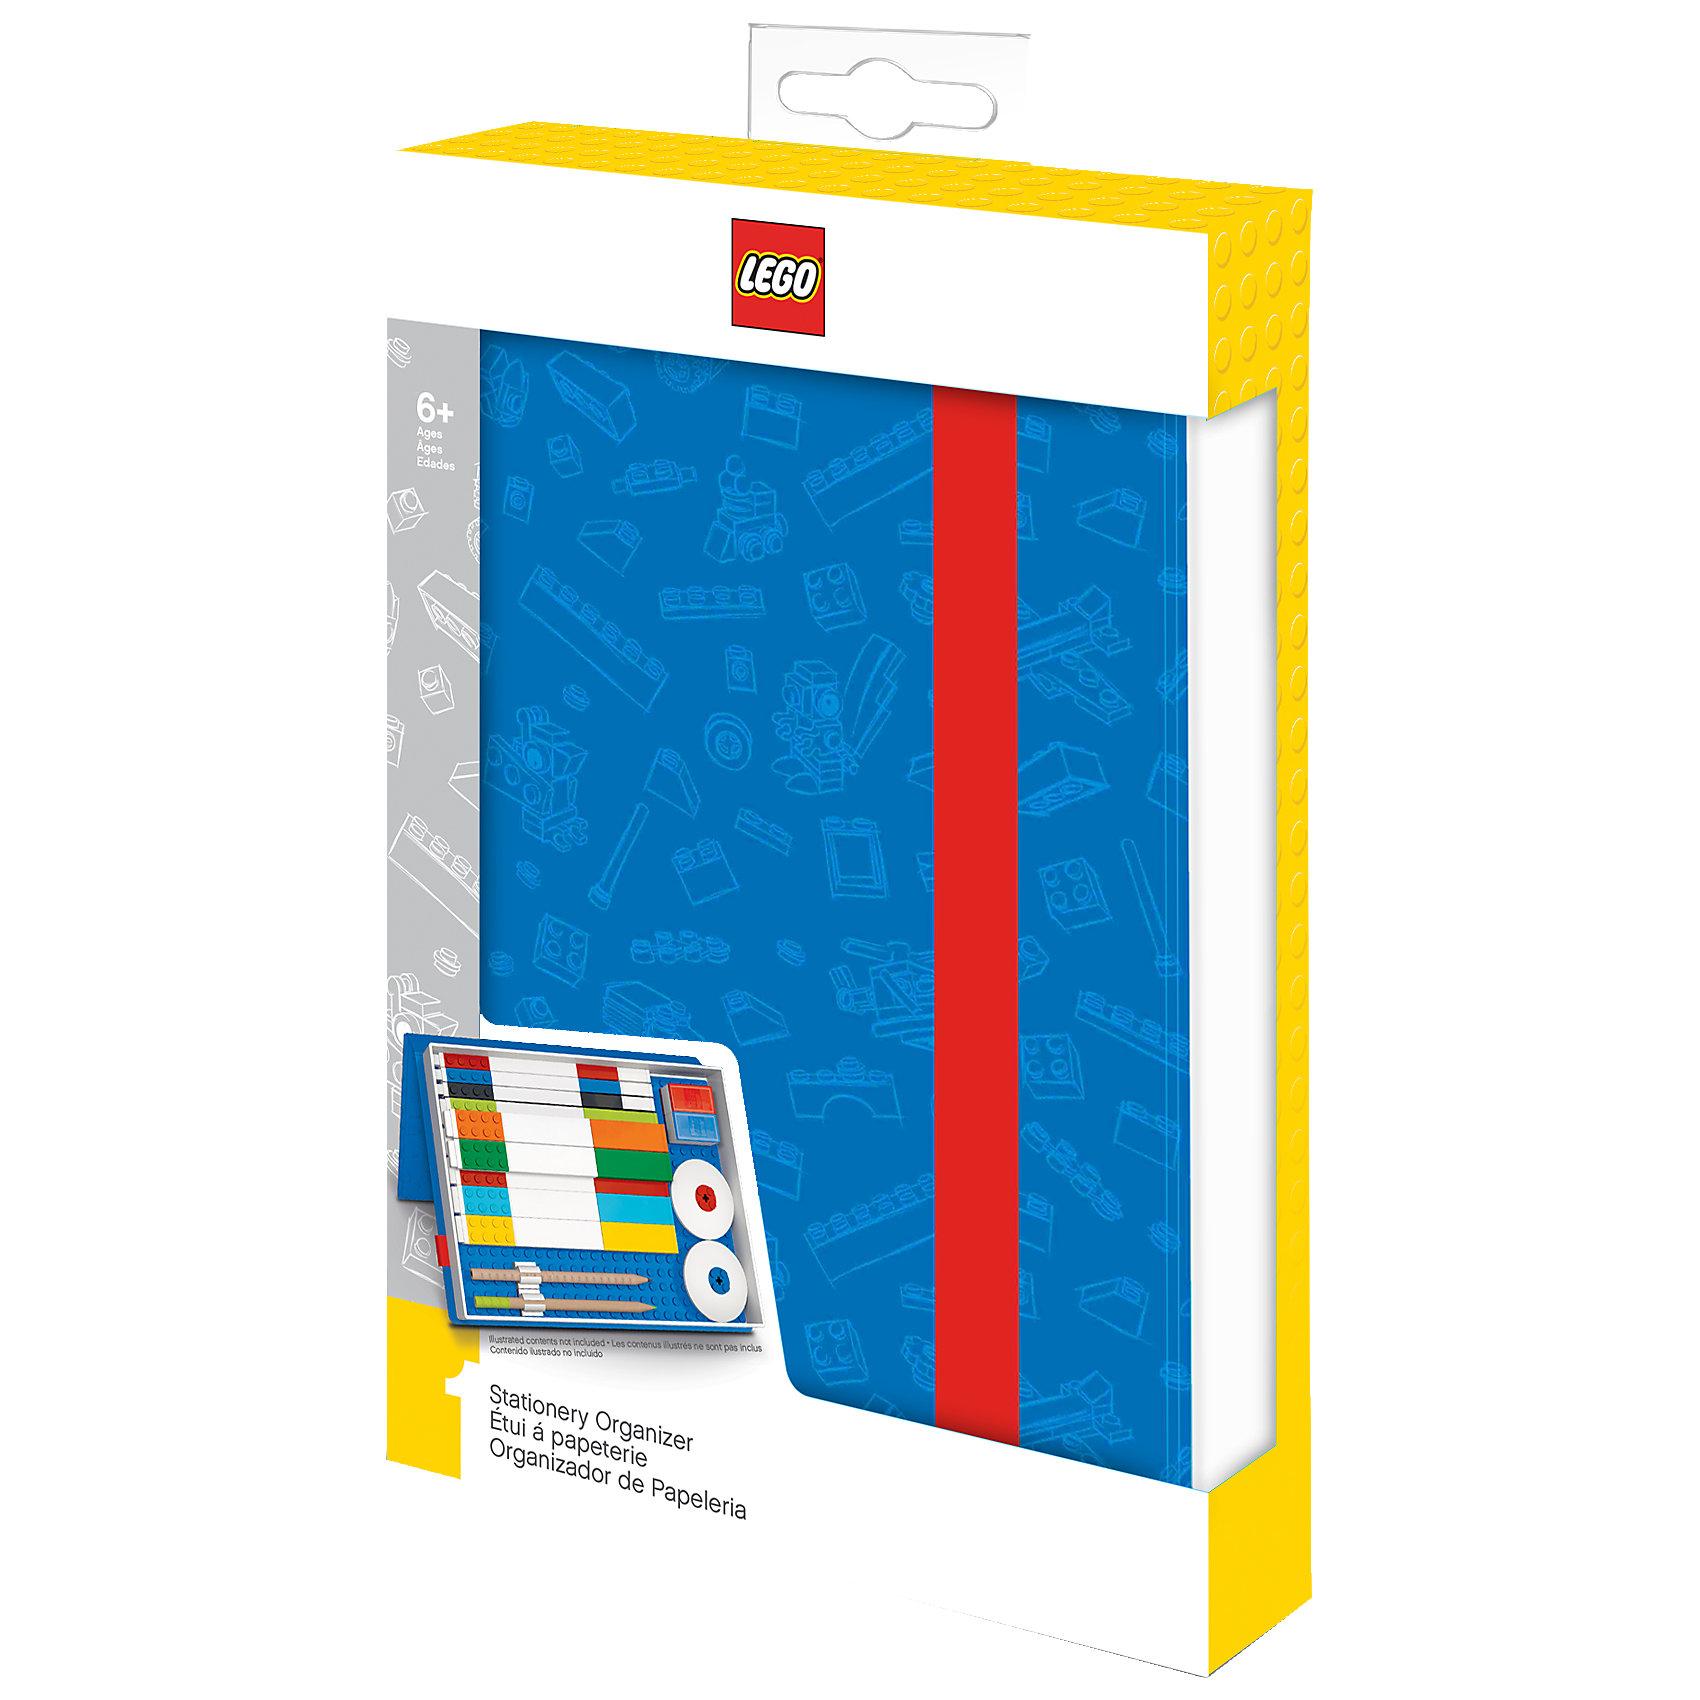 Набор цветных карандашей с 2 насадками в форме кирпичика, 9 шт., LEGOLEGO Товары для фанатов<br>Набор состоит из 9-ти цветных карандашей с твёрдо-мягким грифелем и 2-х насадок (топперов) в форме кирпичика LEGO.<br><br>Ширина мм: 188<br>Глубина мм: 106<br>Высота мм: 32<br>Вес г: 99<br>Возраст от месяцев: 60<br>Возраст до месяцев: 144<br>Пол: Унисекс<br>Возраст: Детский<br>SKU: 5087588